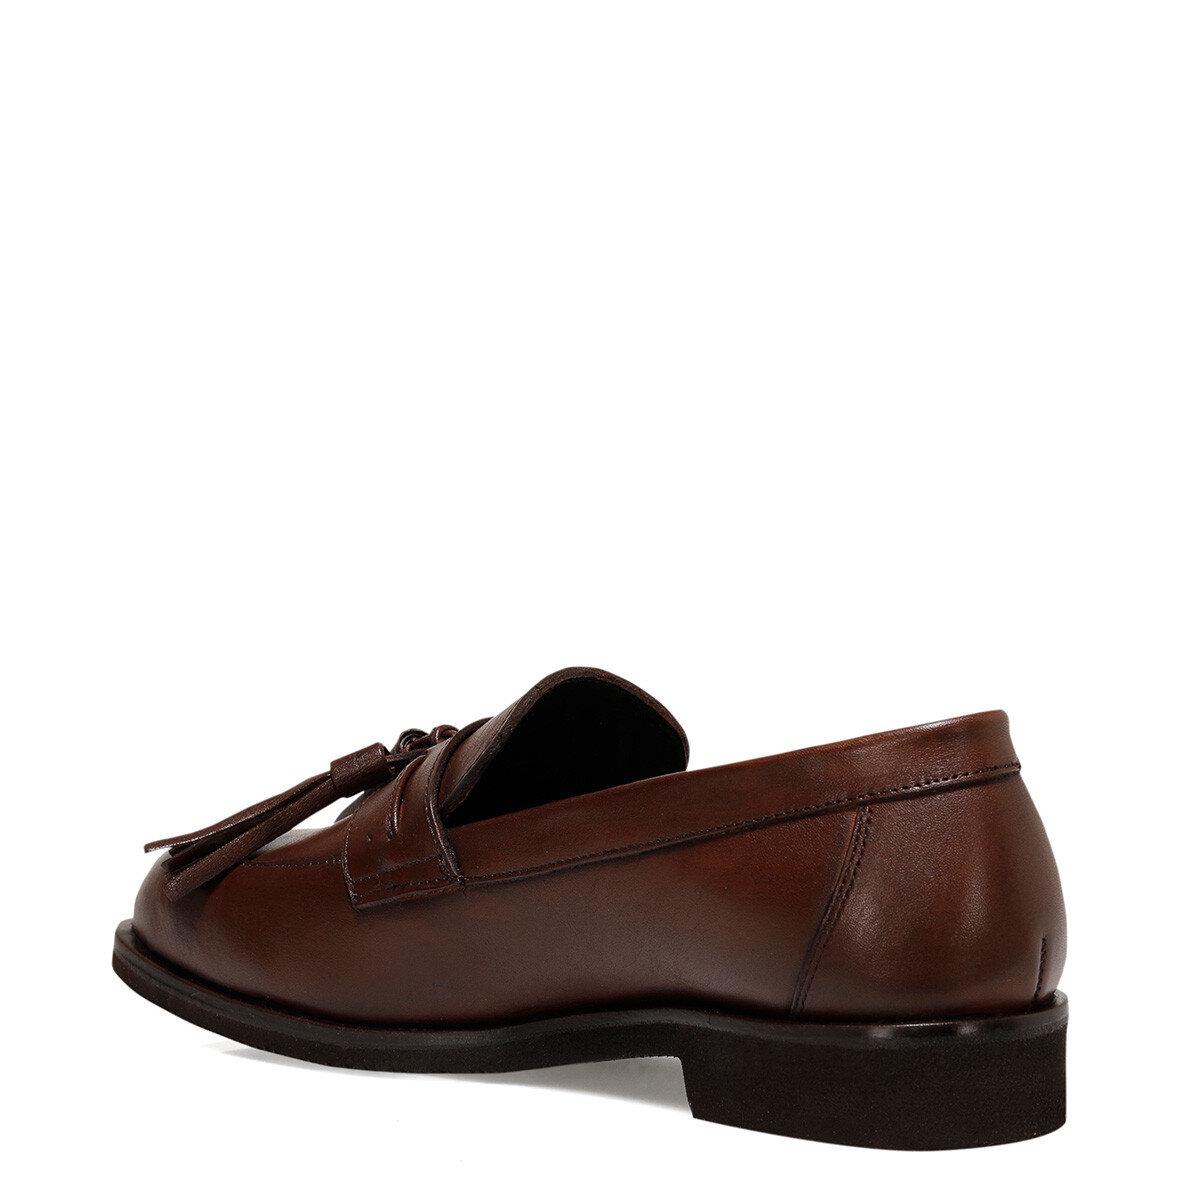 BAMBOLA2 Koyu Kahve Kadın Loafer Ayakkabı